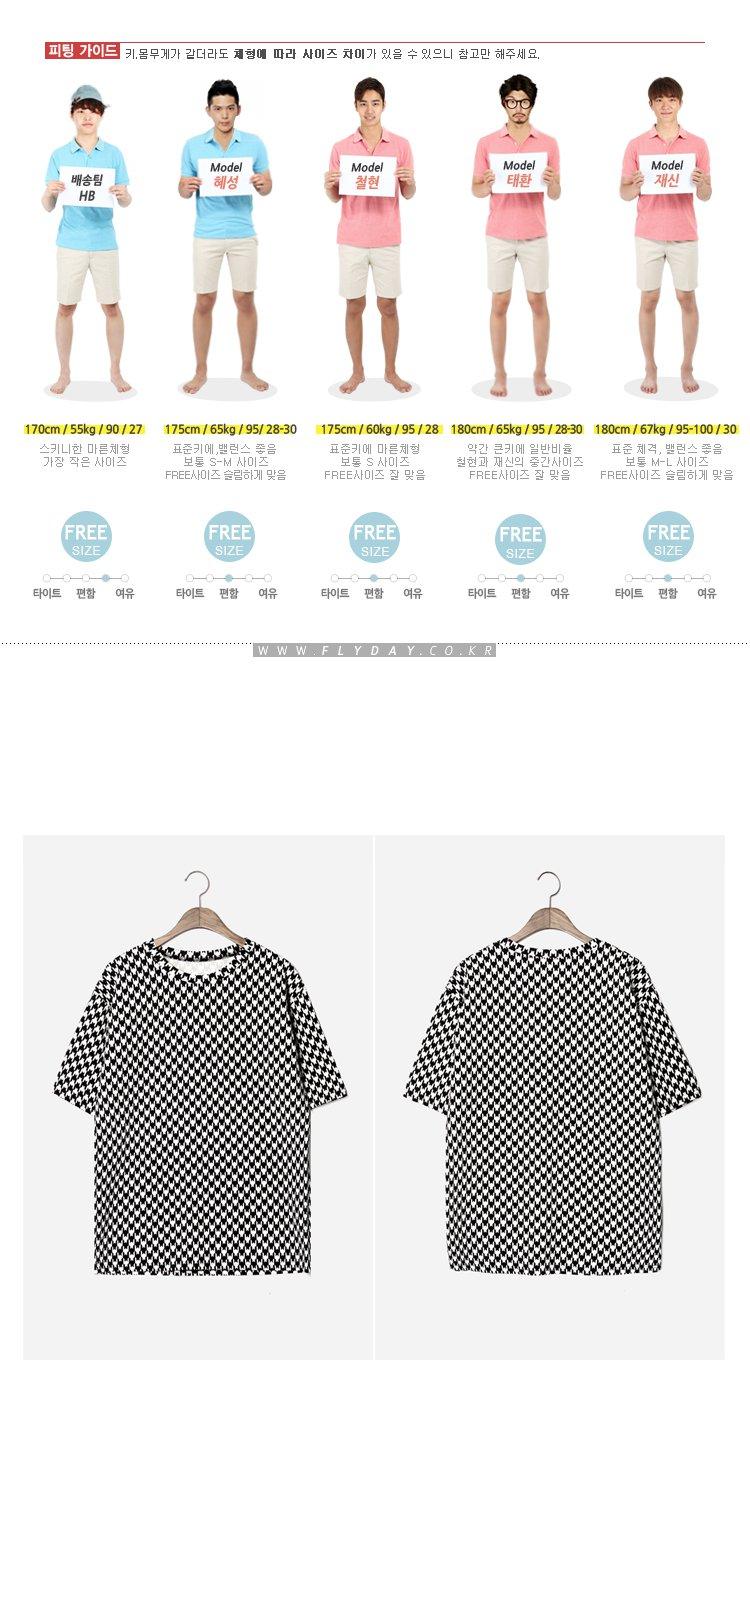 flyday韩国进口男装正品代购燕子印花宽松短袖t恤140708-22